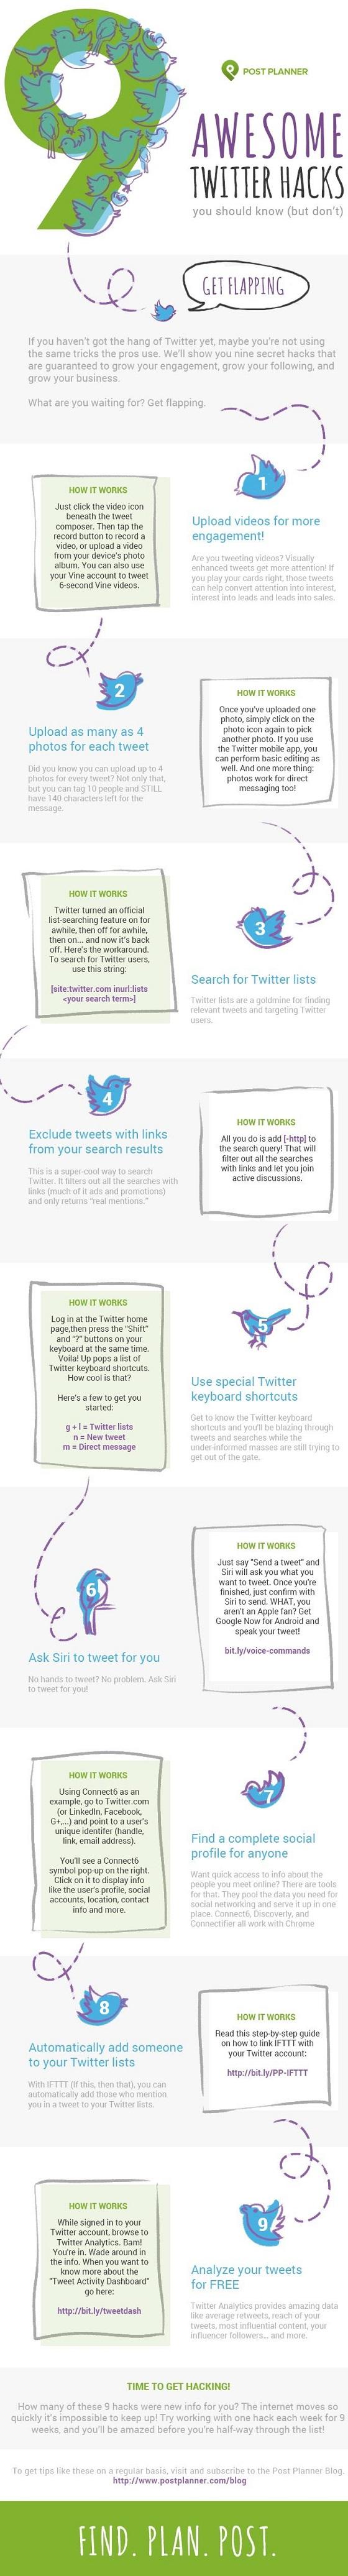 Tipps & Tricks: 9 sinnvolle Twitter-Hacks, die man kennen